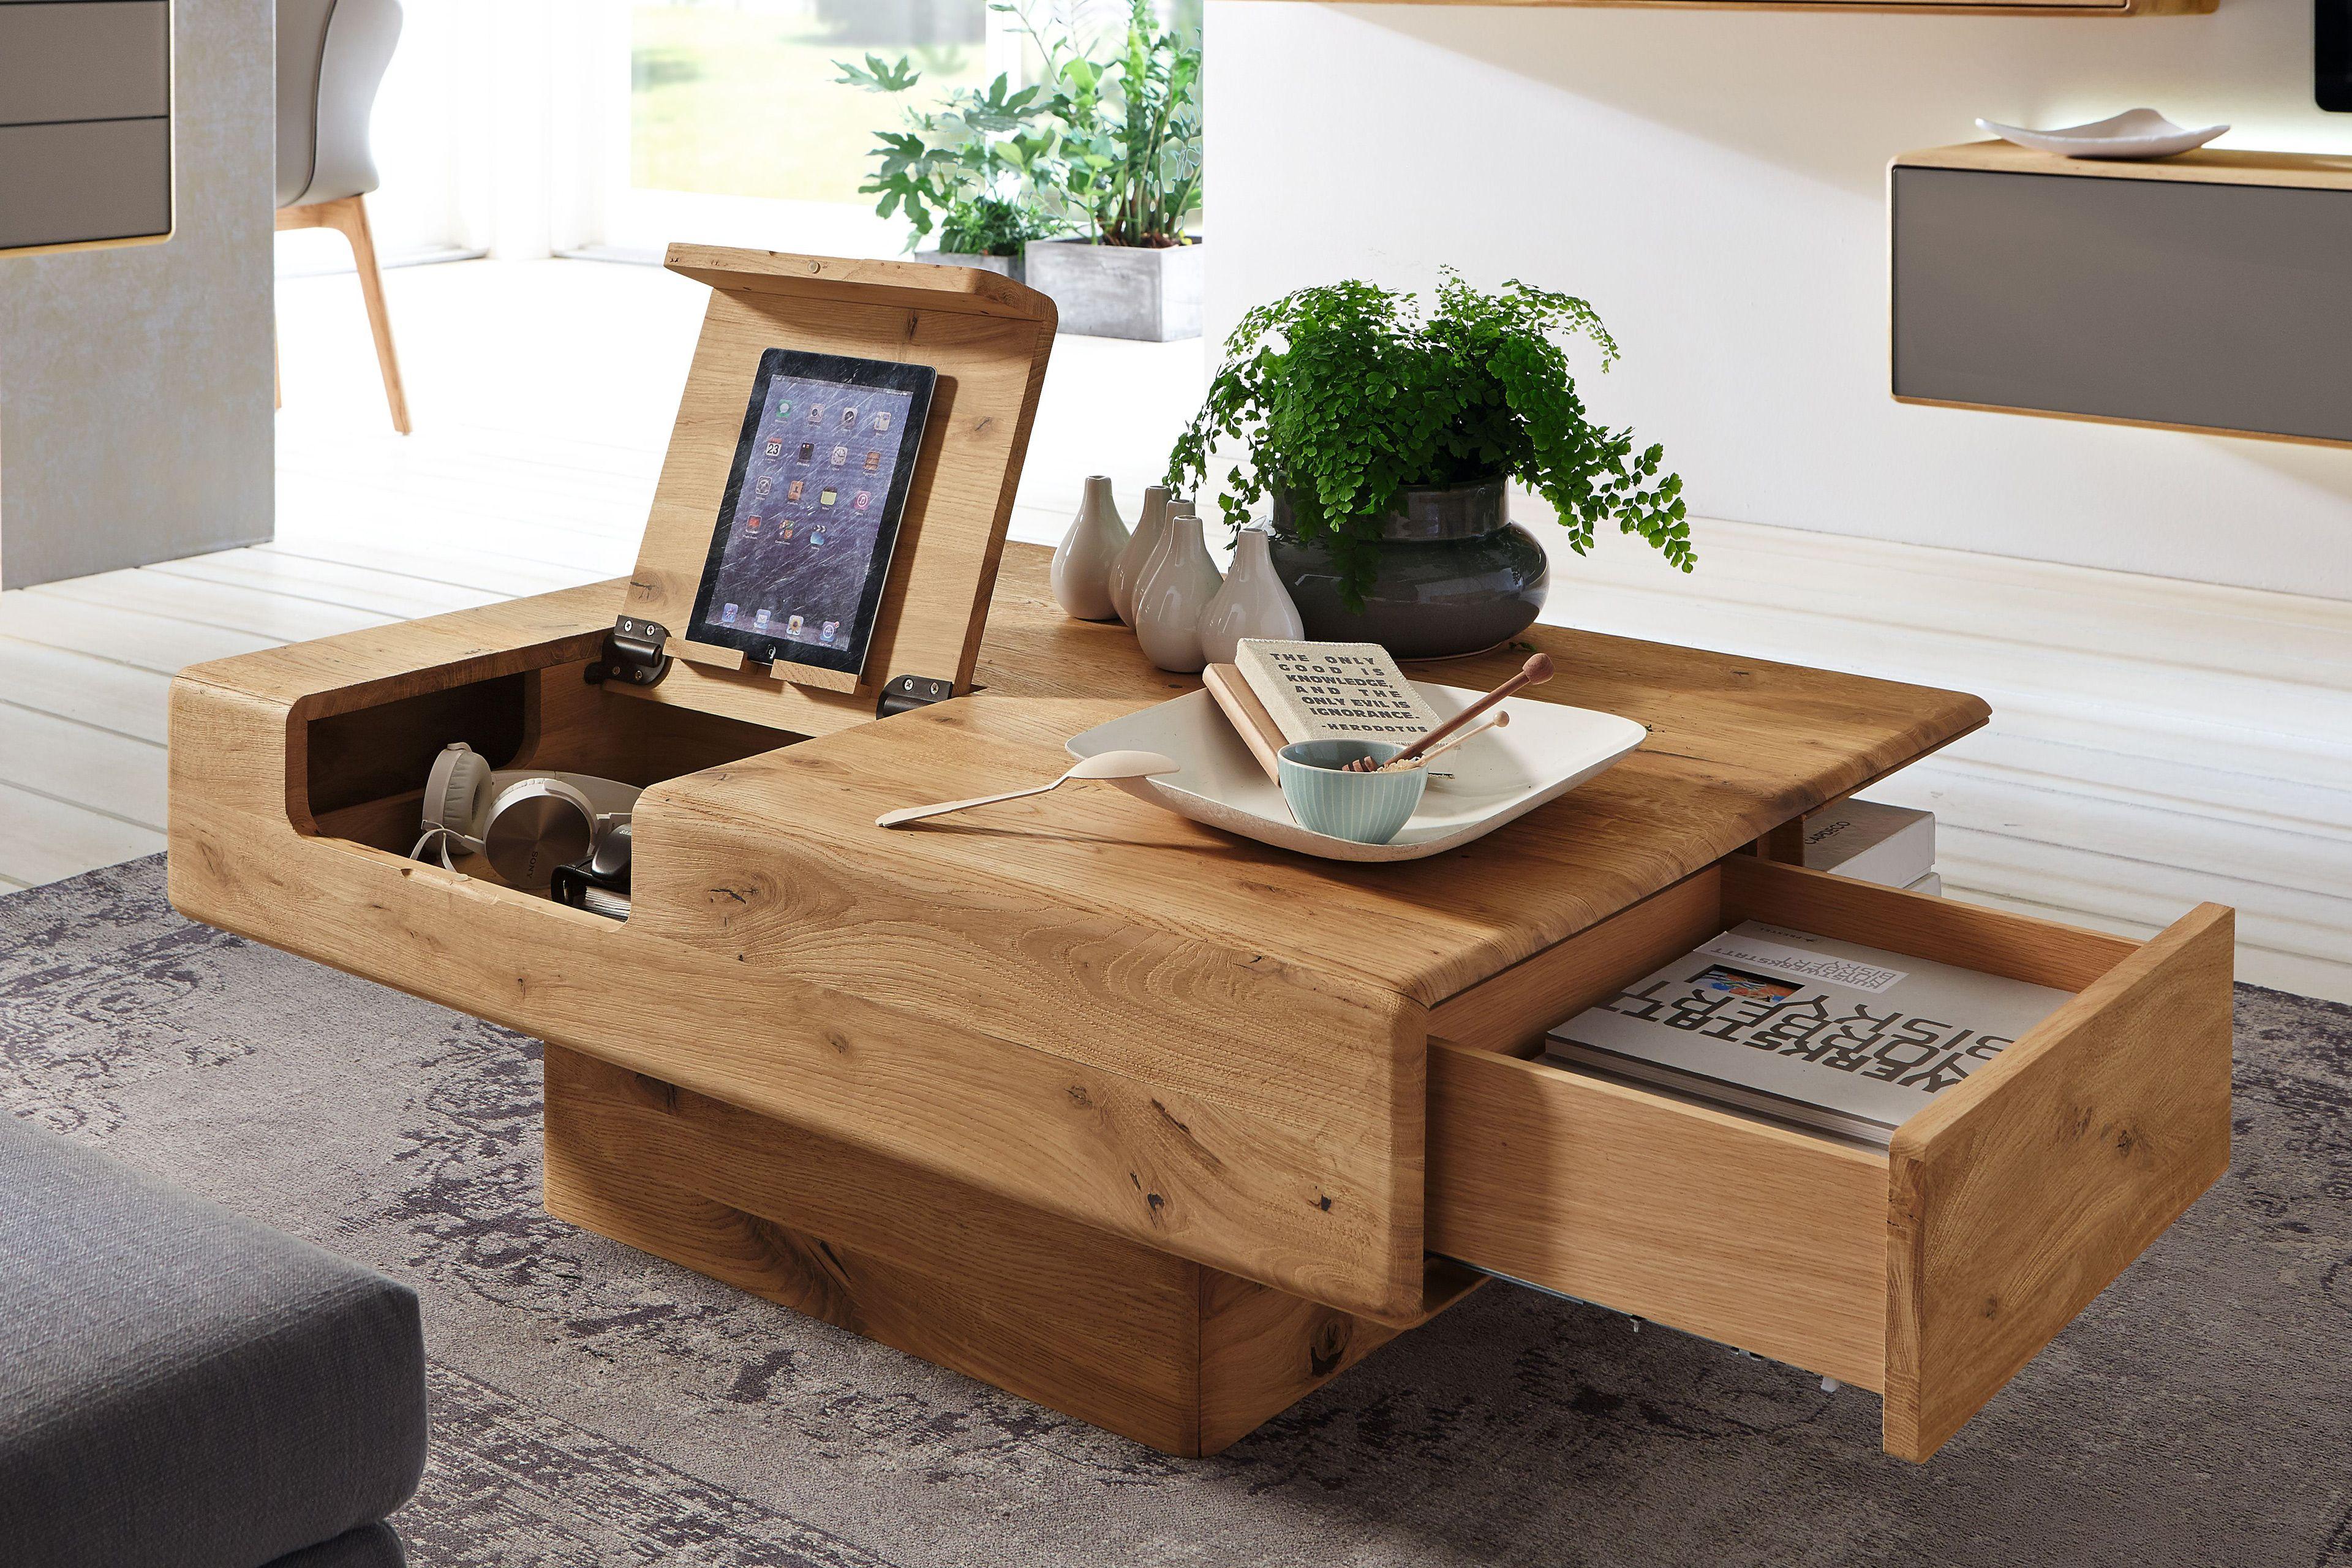 sineo von w stmann couchtisch 9505 aus wildeiche zuk nftige projekte pinterest. Black Bedroom Furniture Sets. Home Design Ideas